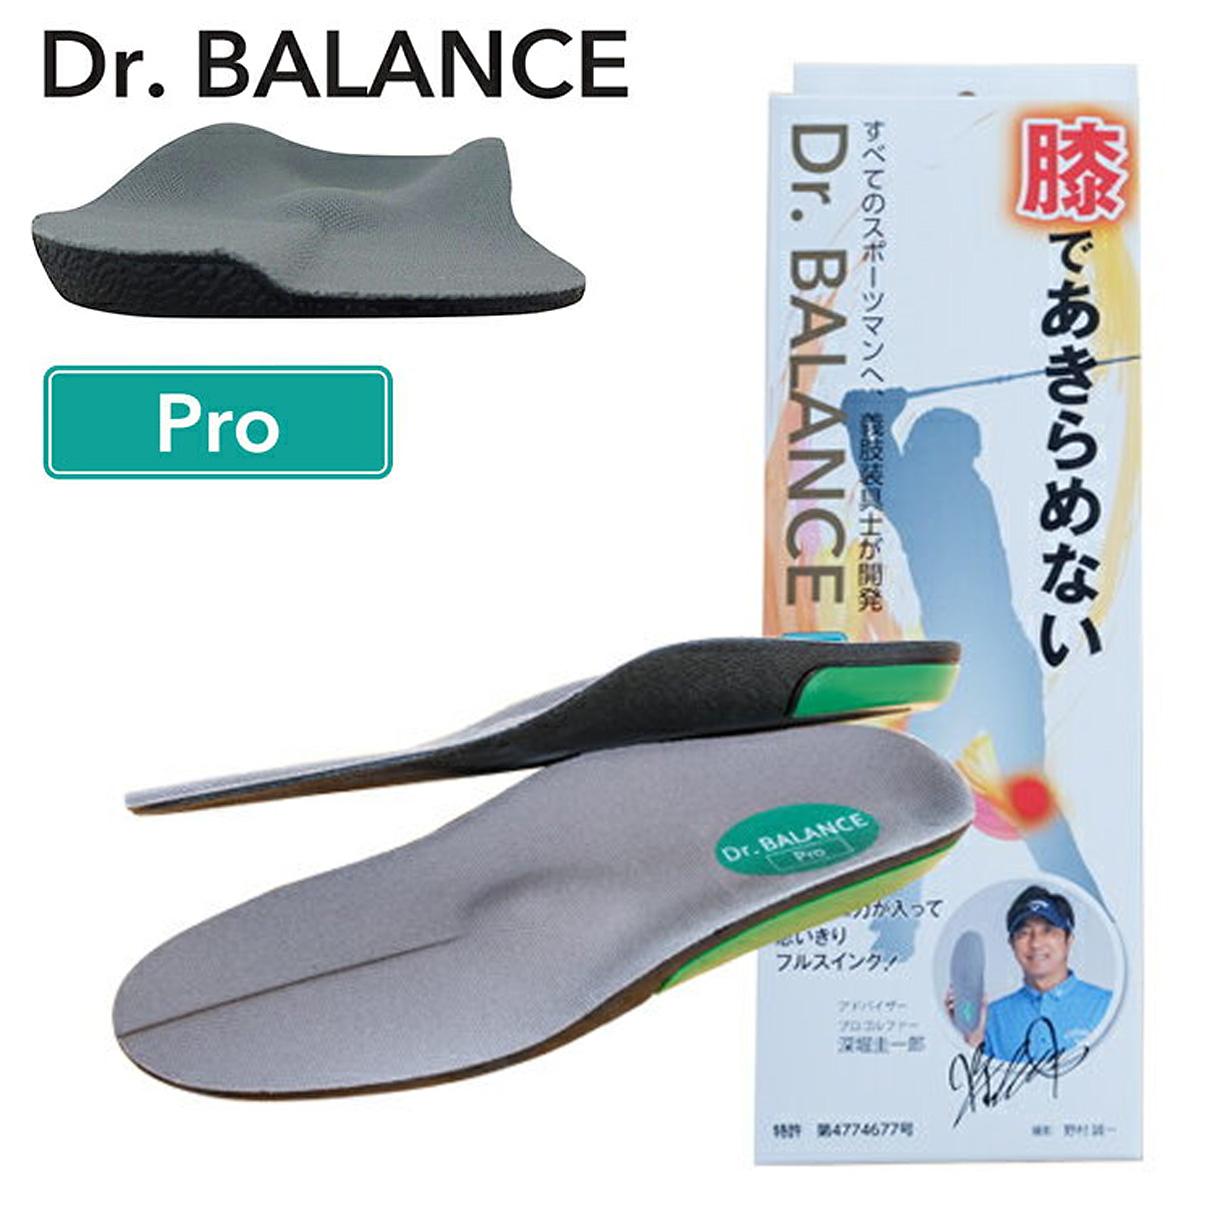 義肢装具士が開発した膝を守るインソール Dr.BALANCE ドクターバランス ランキングTOP5 Pro カップインソール 正規激安 中敷 プロ